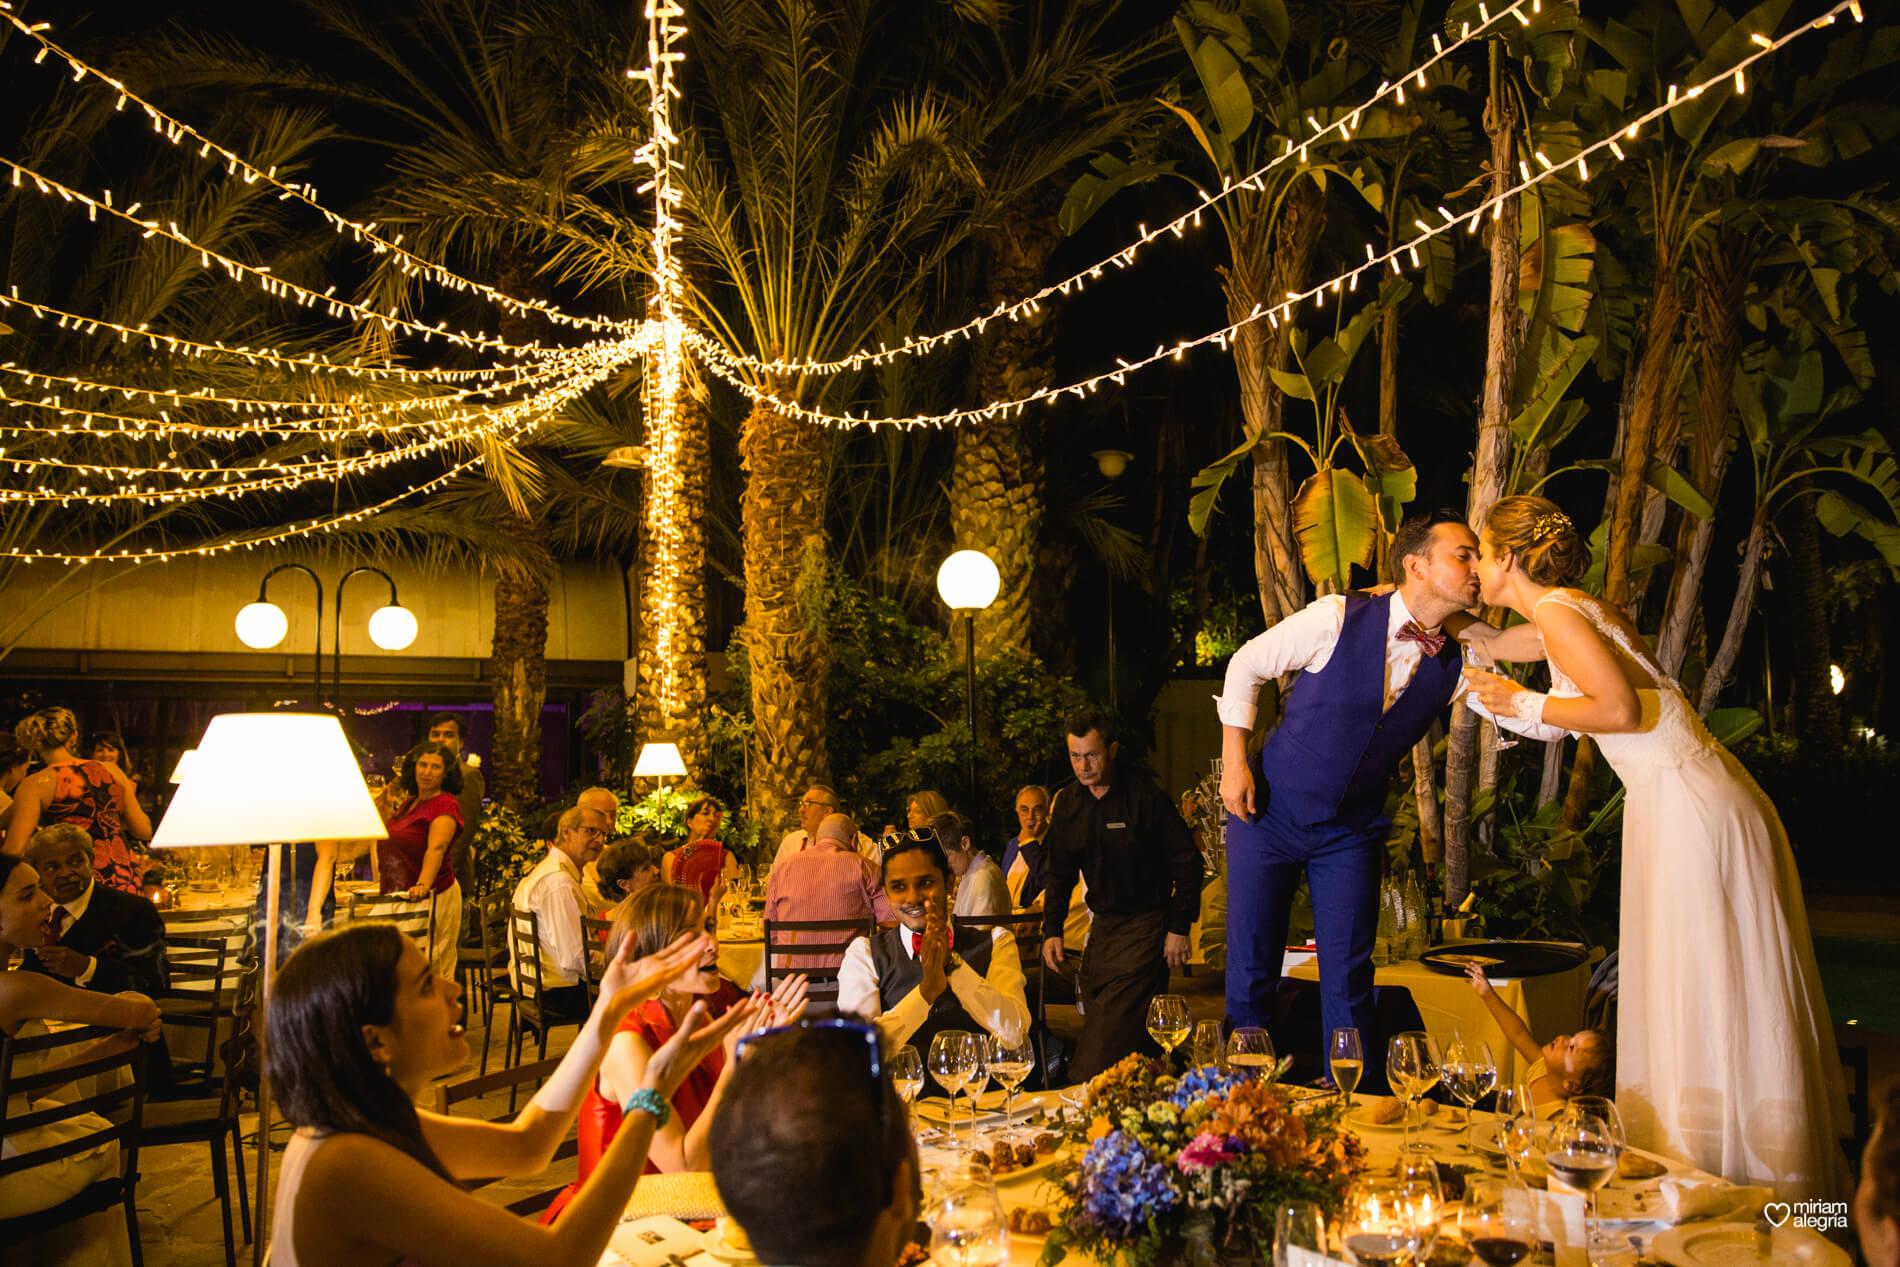 wedding-huerto-del-cura-elche-miriam-alegria-fotografos-boda-88